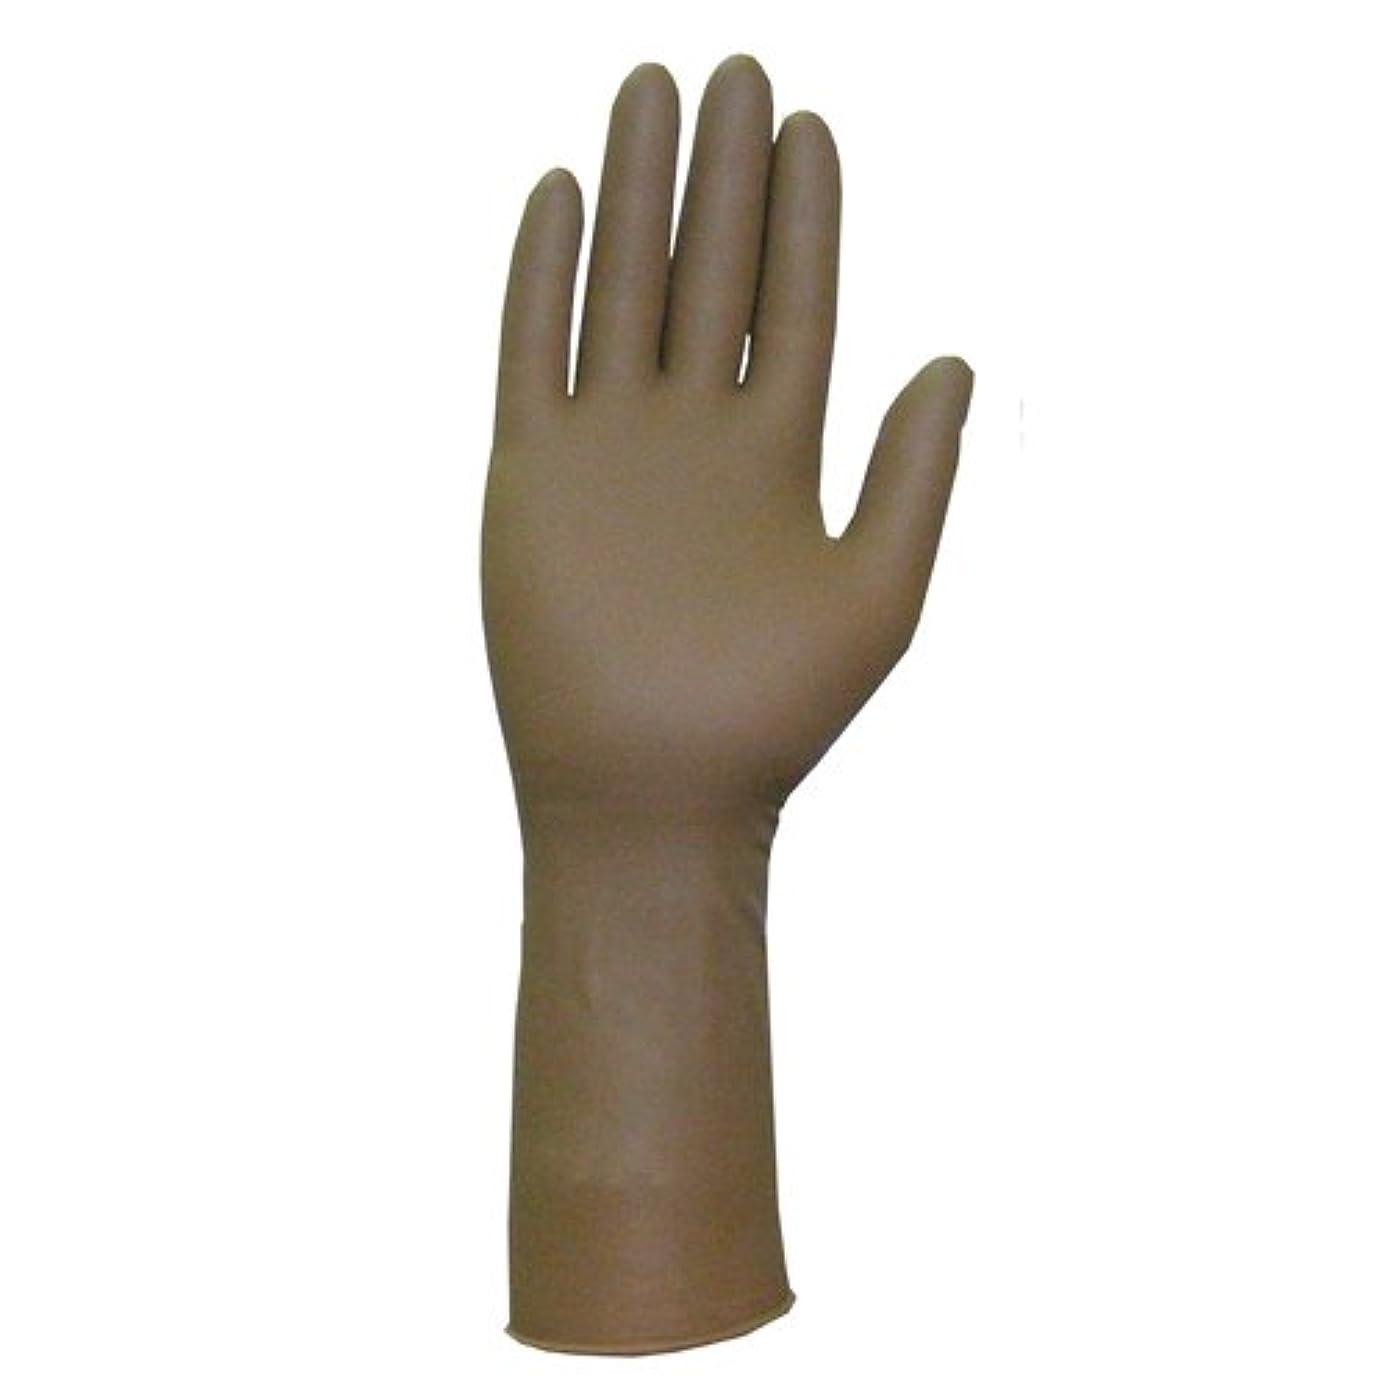 小競り合い変更可能ディンカルビルロングラテックス手袋(M)1000枚